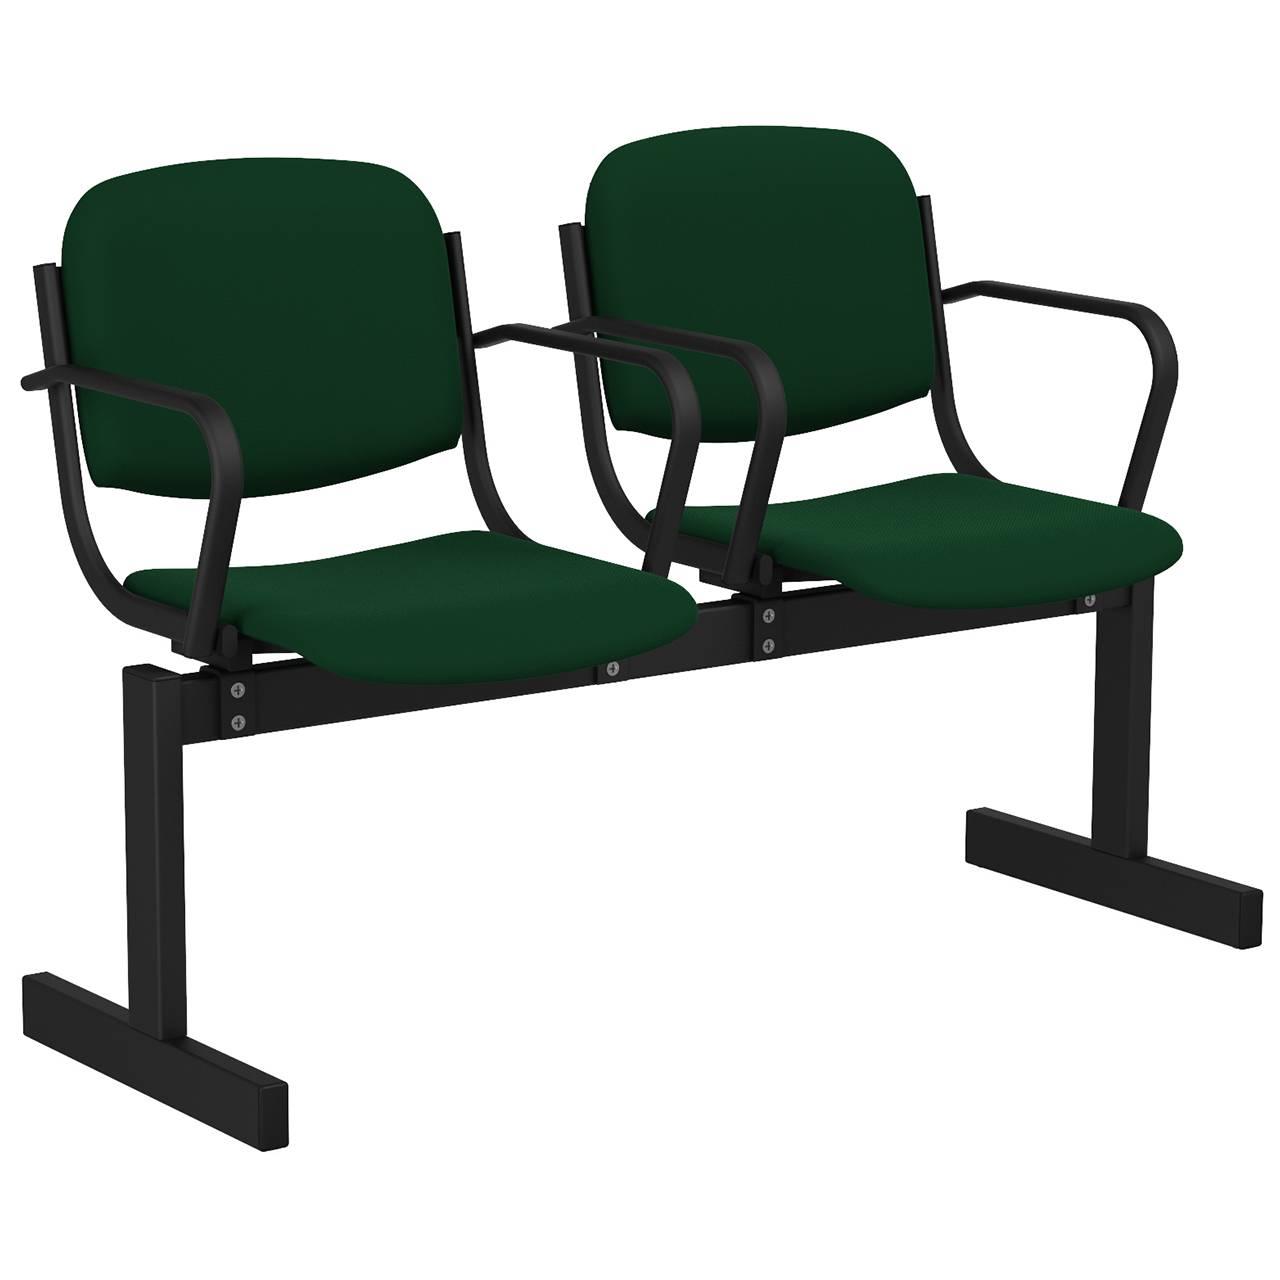 2-местный, не откидывающиеся сиденья, мягкий, подлокотники